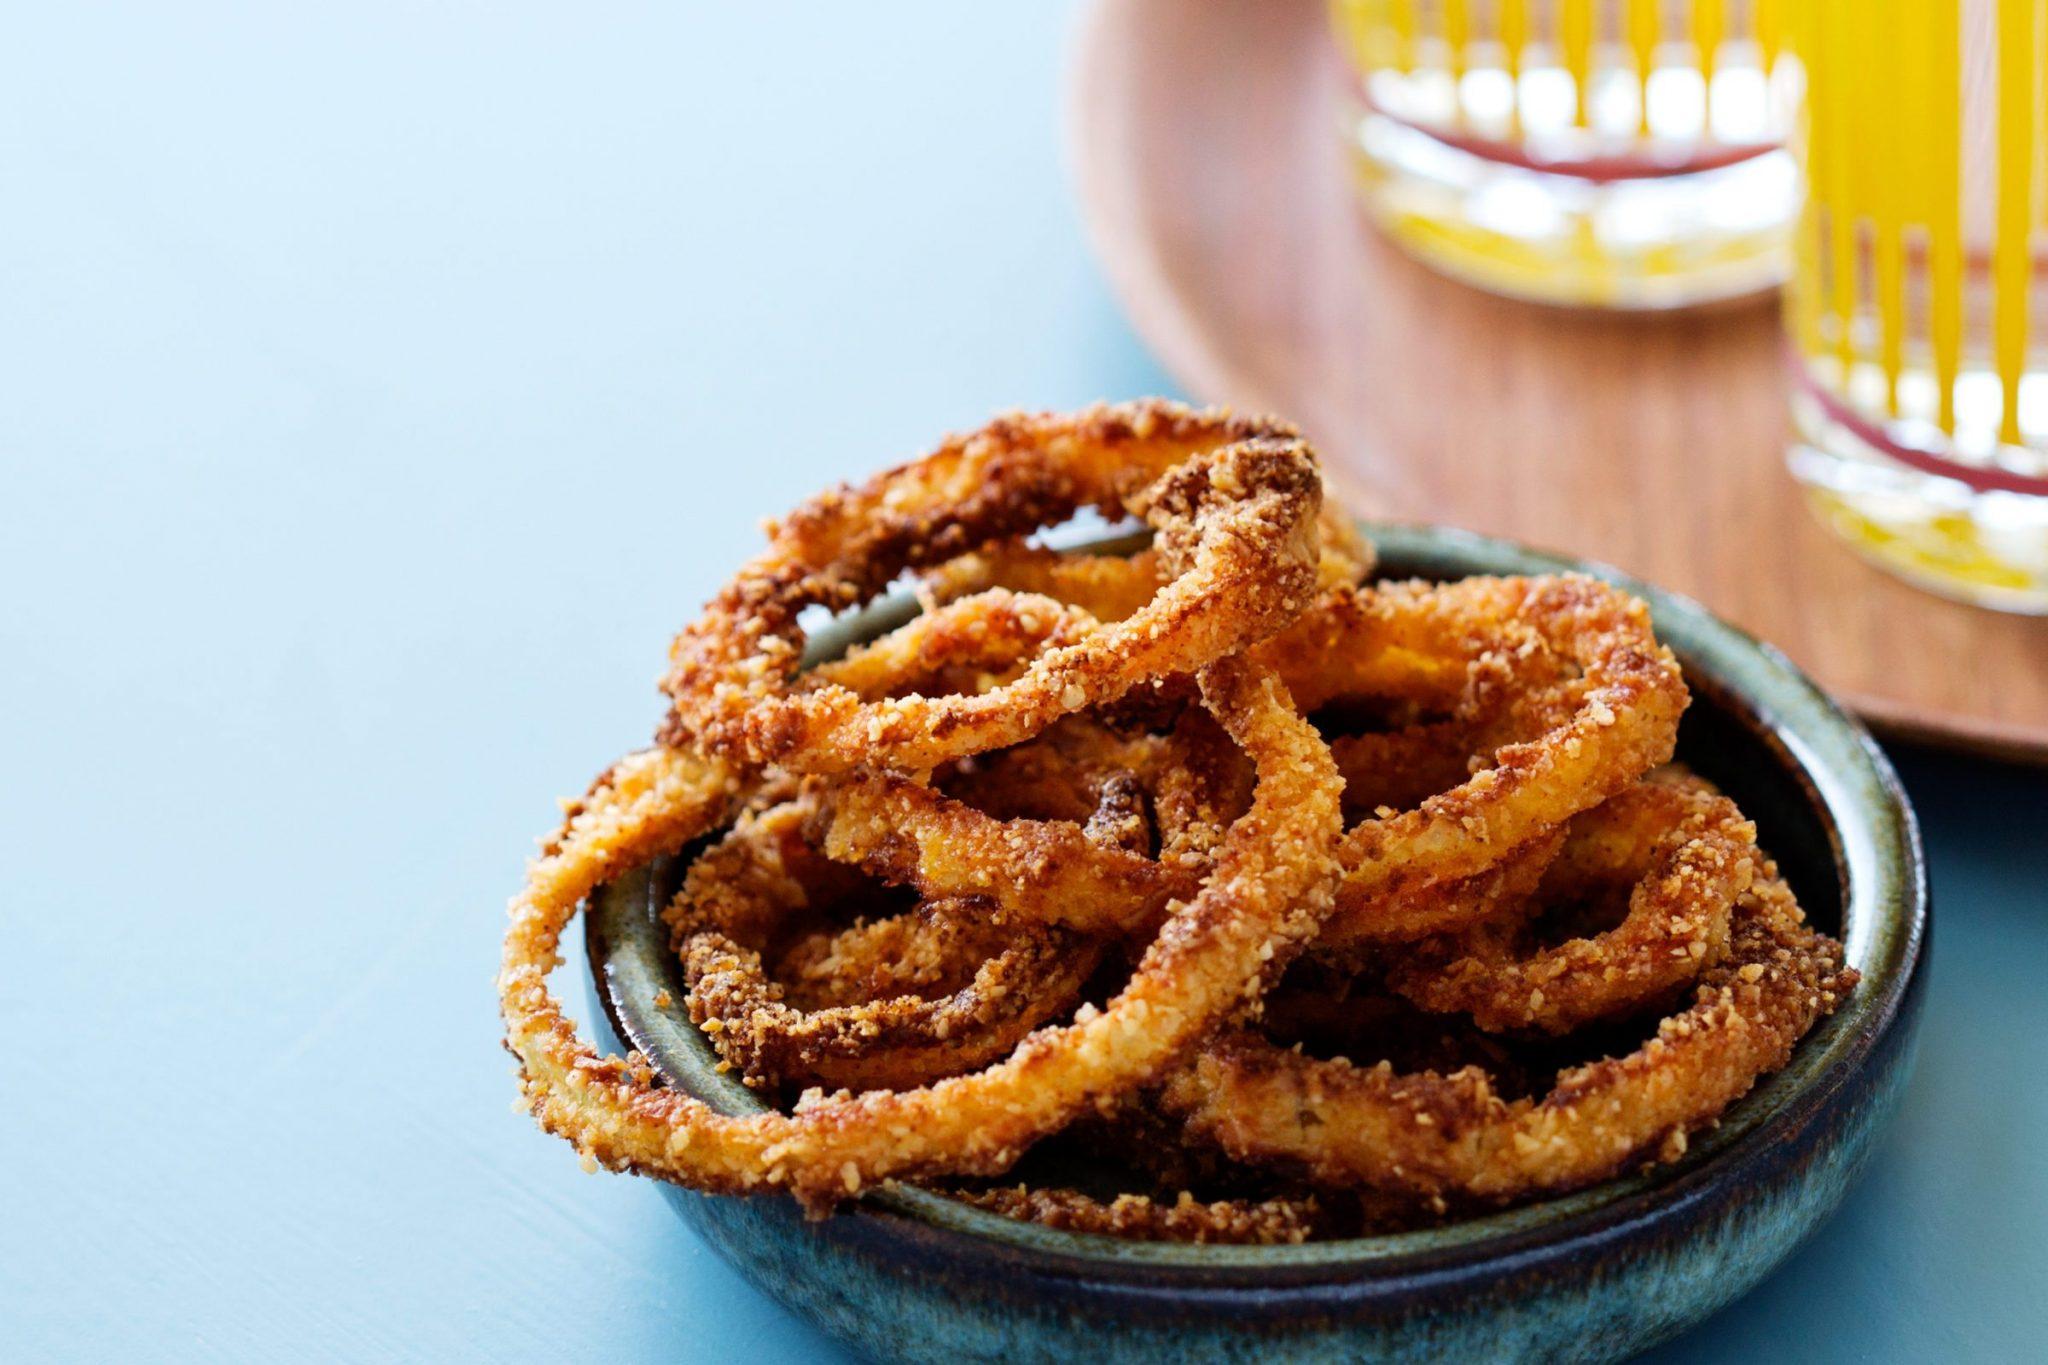 Keto Onion Ring Recipe